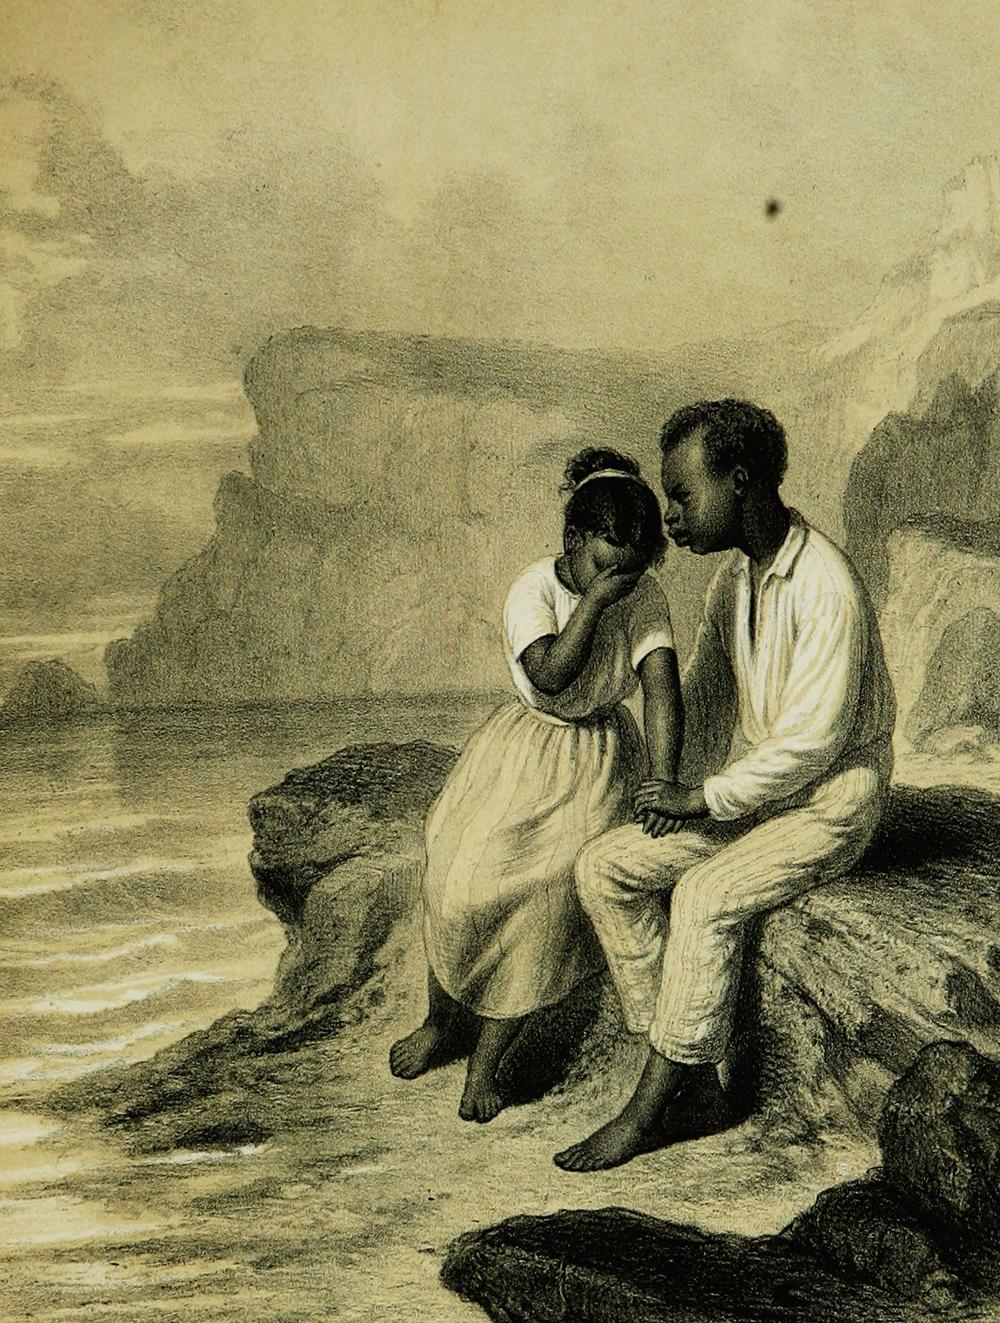 Illustration from L'Esclave de Saint-Domingue, by Michel Möring, 1860.